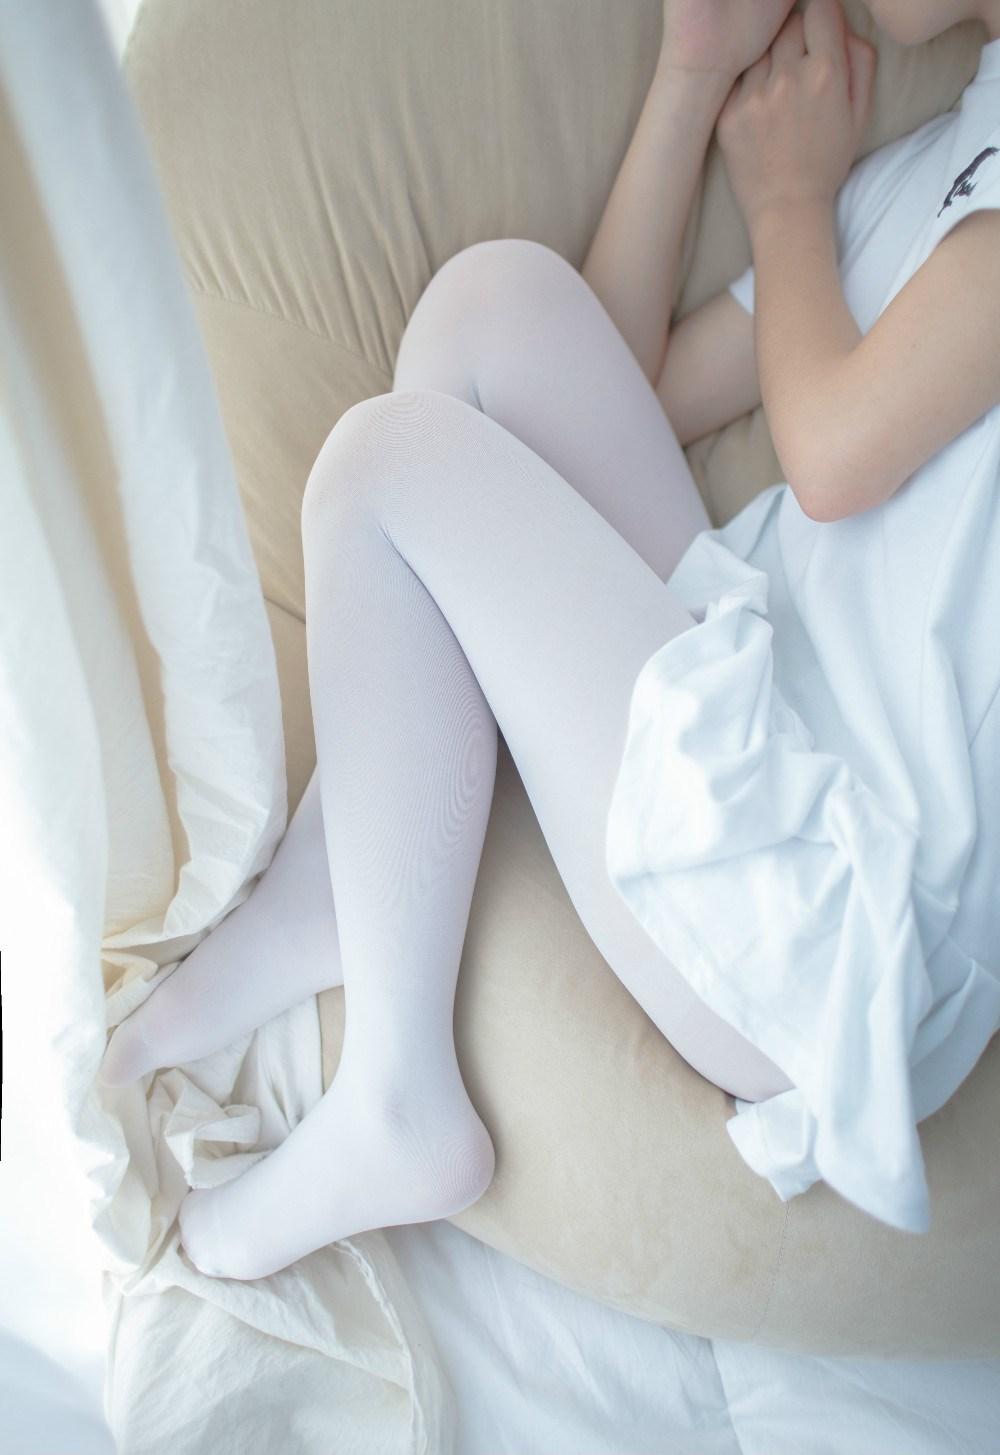 【兔玩映画】白丝萝莉~ 兔玩映画 第10张